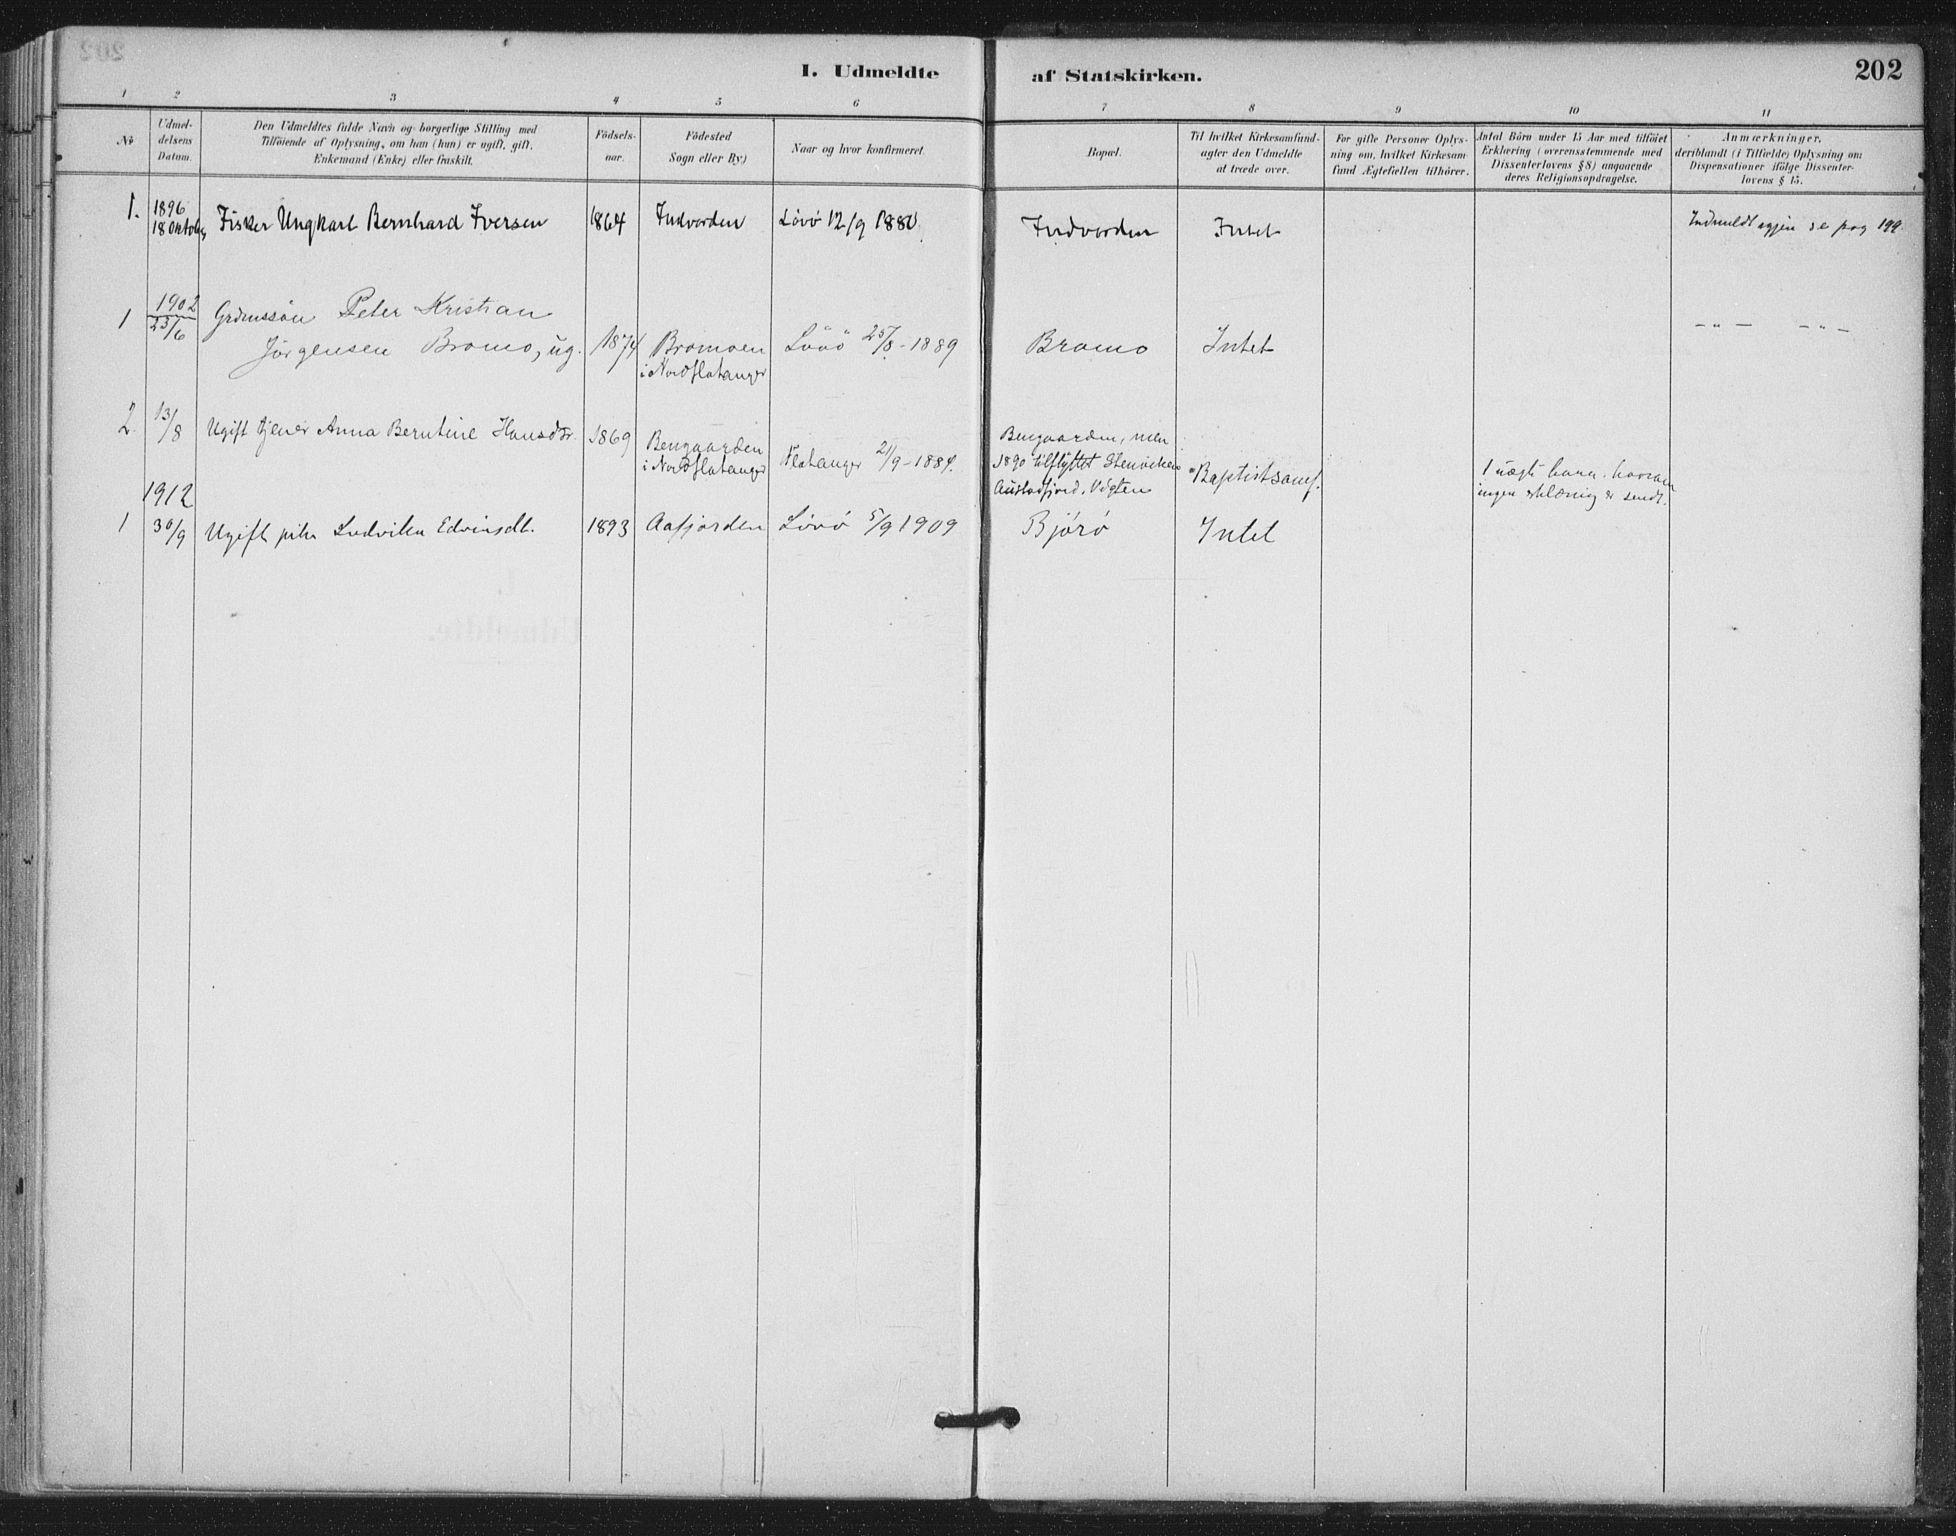 SAT, Ministerialprotokoller, klokkerbøker og fødselsregistre - Nord-Trøndelag, 772/L0603: Ministerialbok nr. 772A01, 1885-1912, s. 202